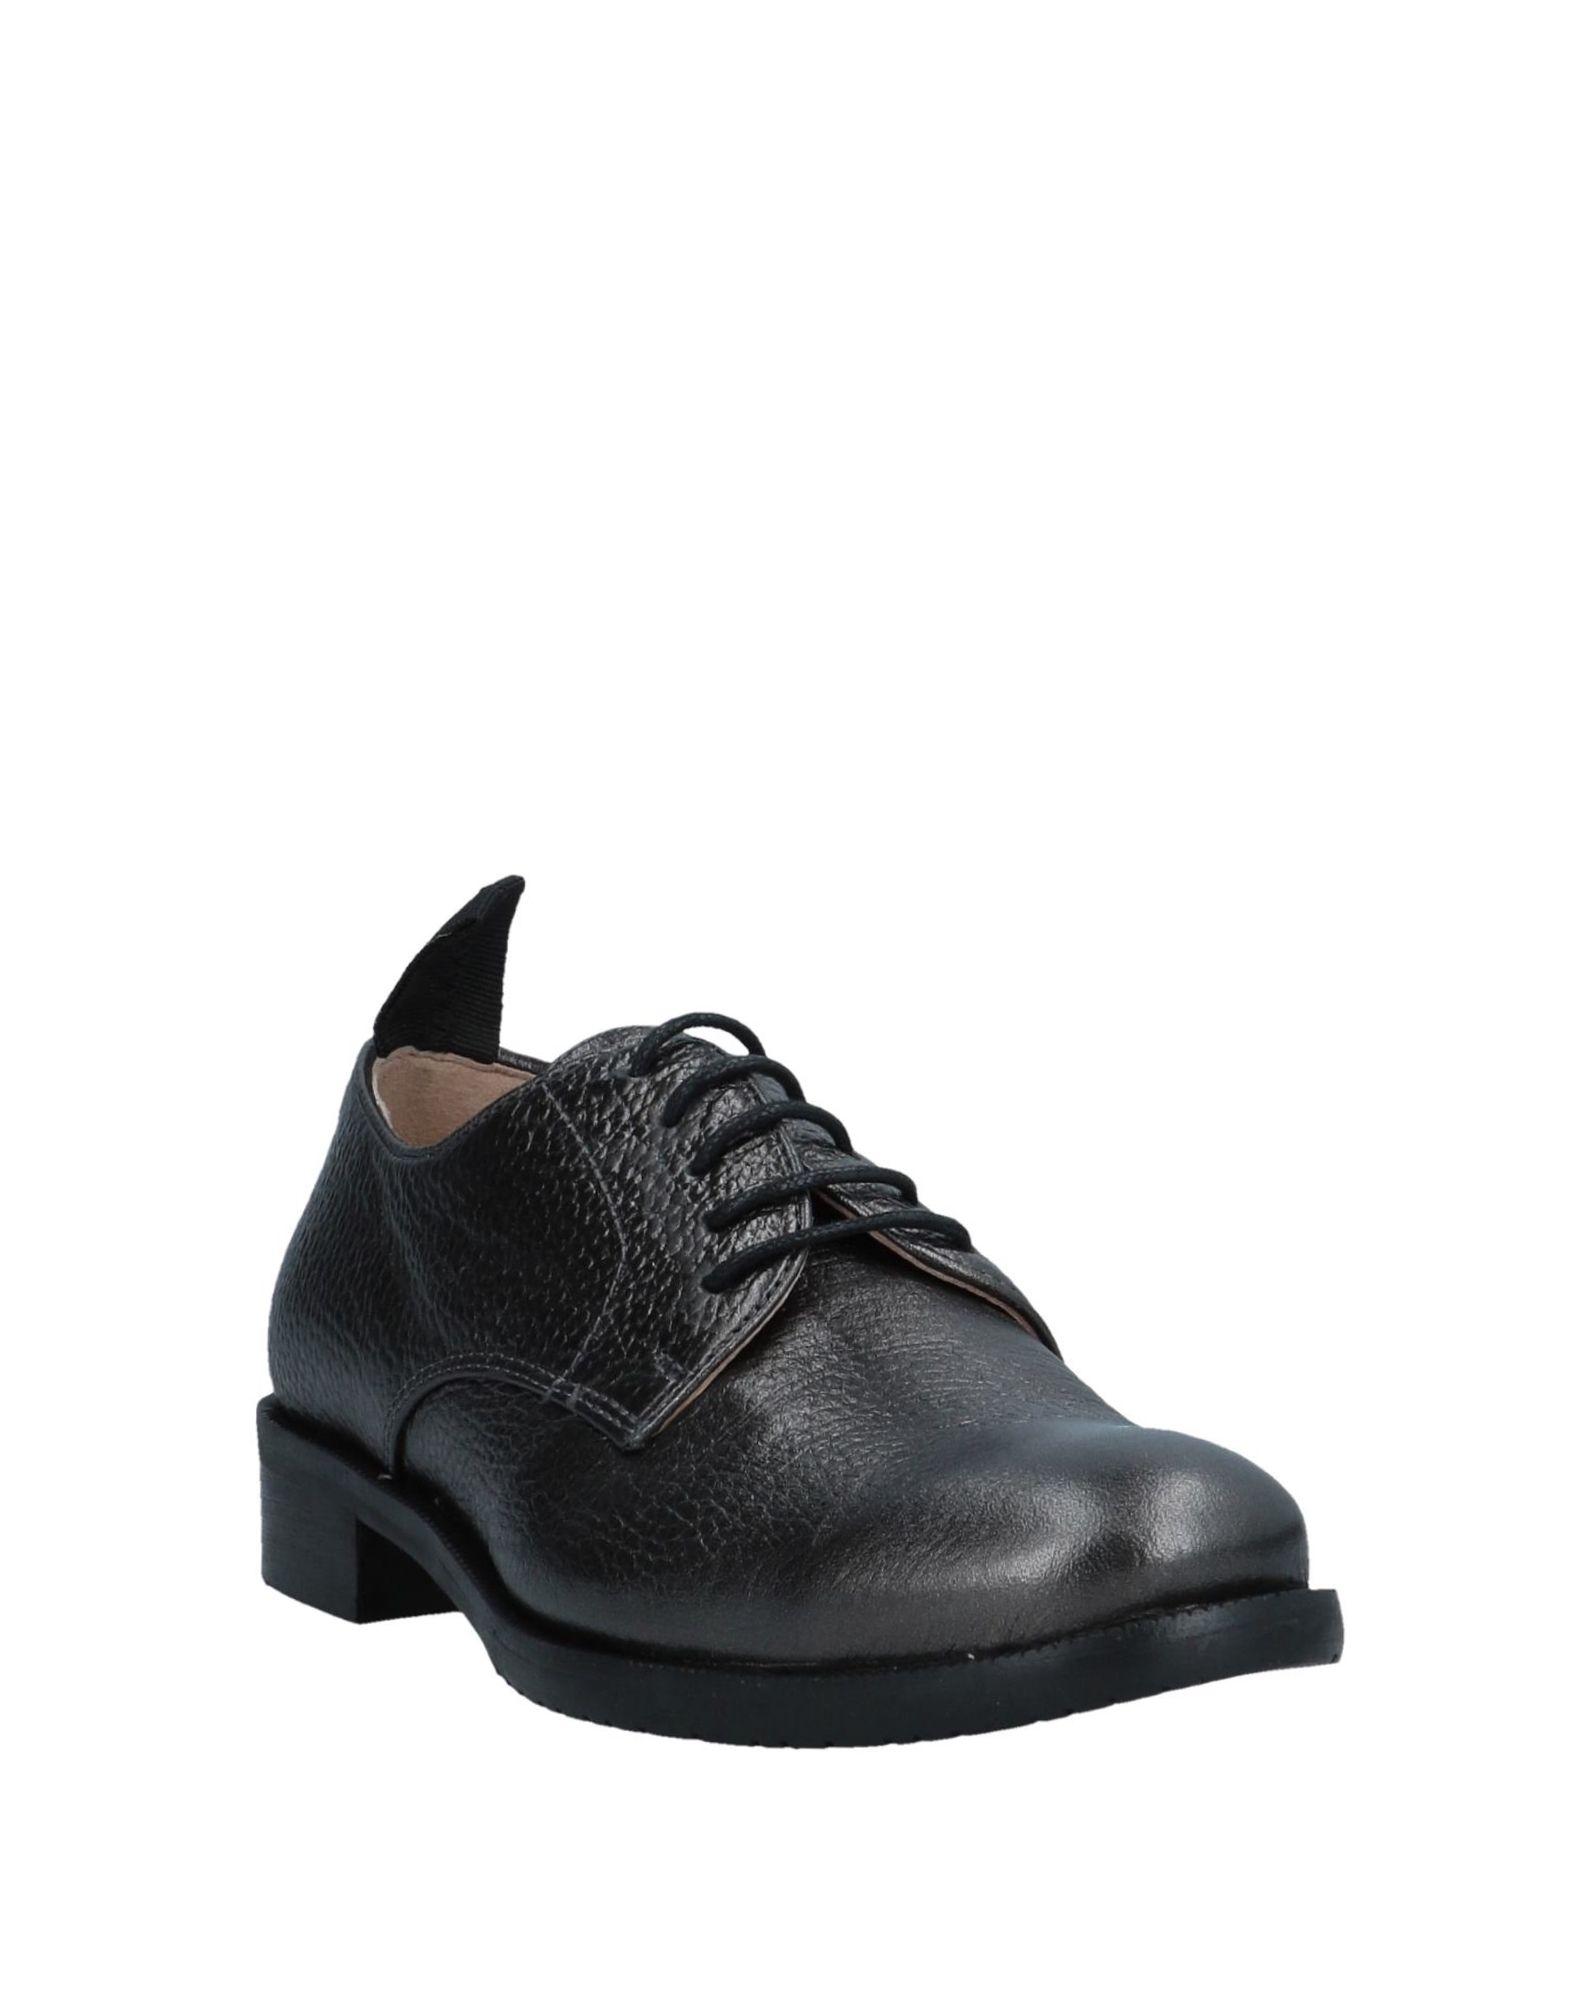 Stilvolle billige  Schuhe Malìparmi Schnürschuhe Damen  billige 11552666AG fbaffd